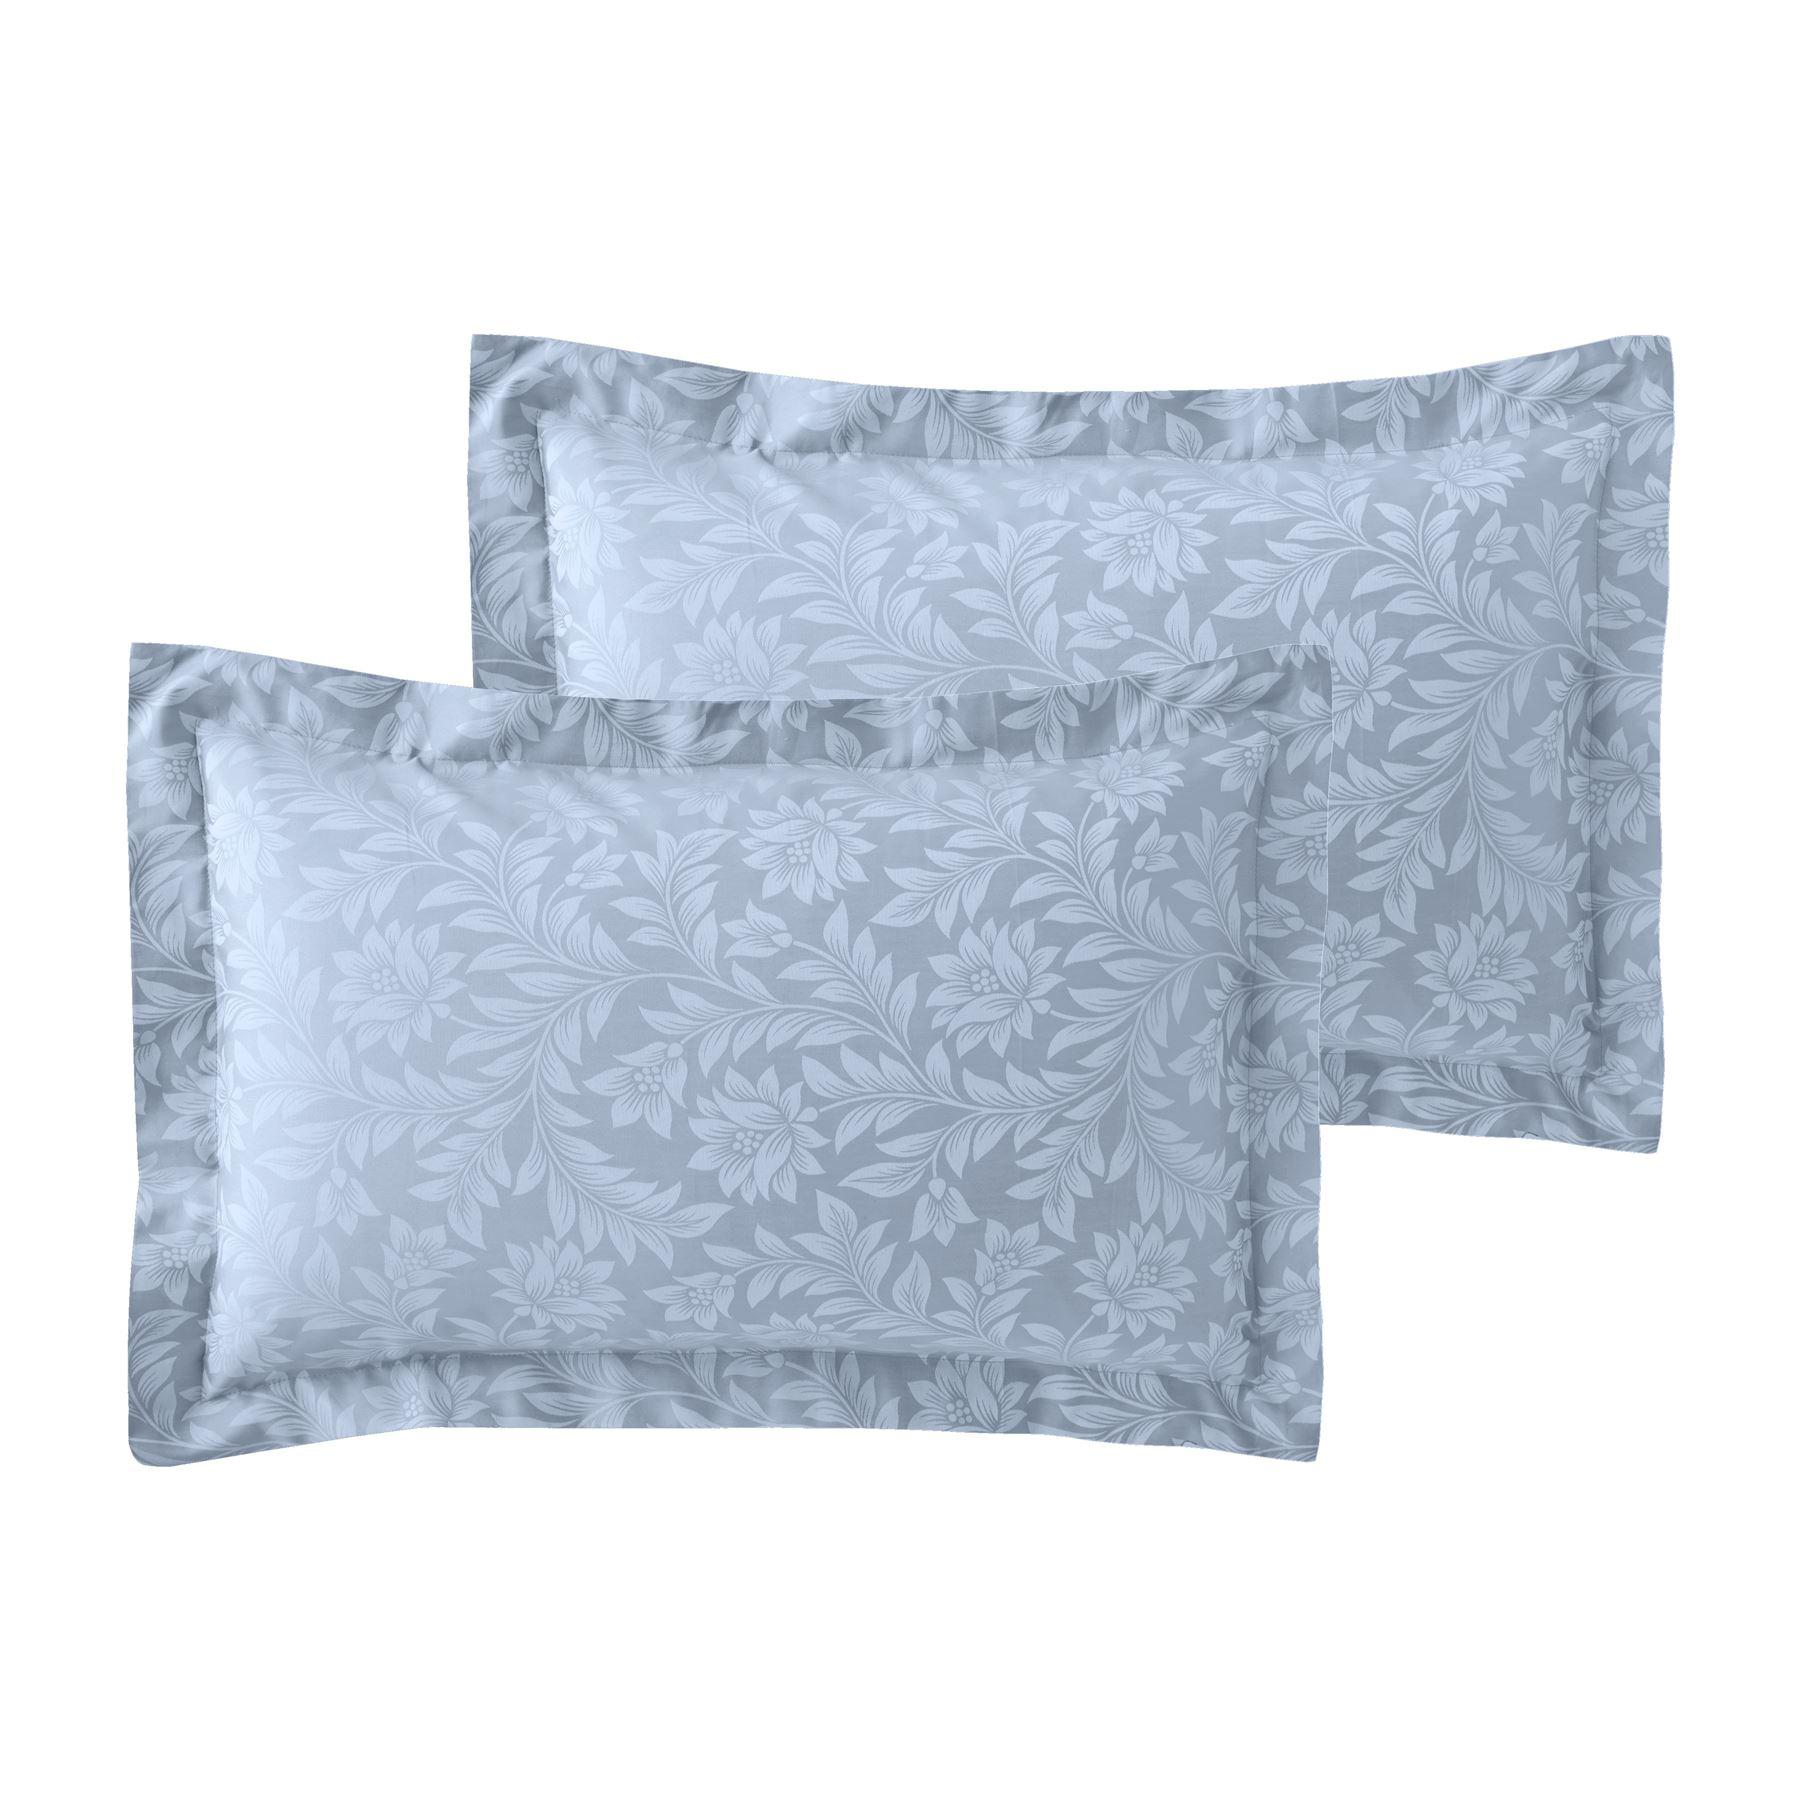 Jacquard-600-Hilos-De-Algodon-Rico-Floral-Duvet-Cover-Set-Fundas-de-almohada-Oxford miniatura 5